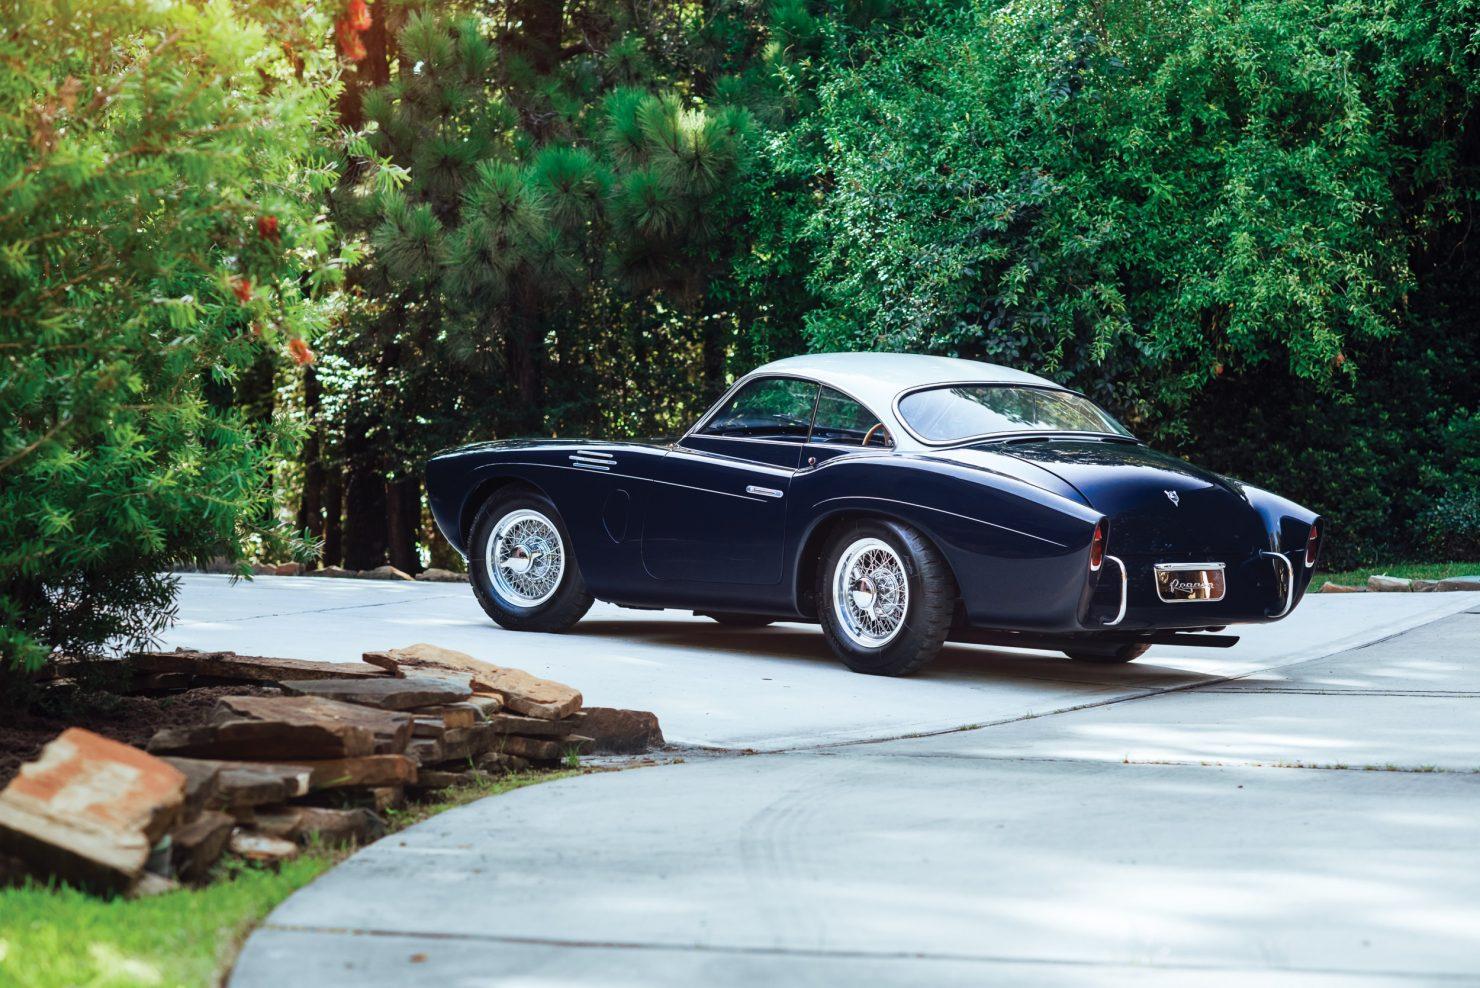 pegaso z 102 car 2 1480x988 - 1954 Pegaso Z-102 Series II Saoutchik